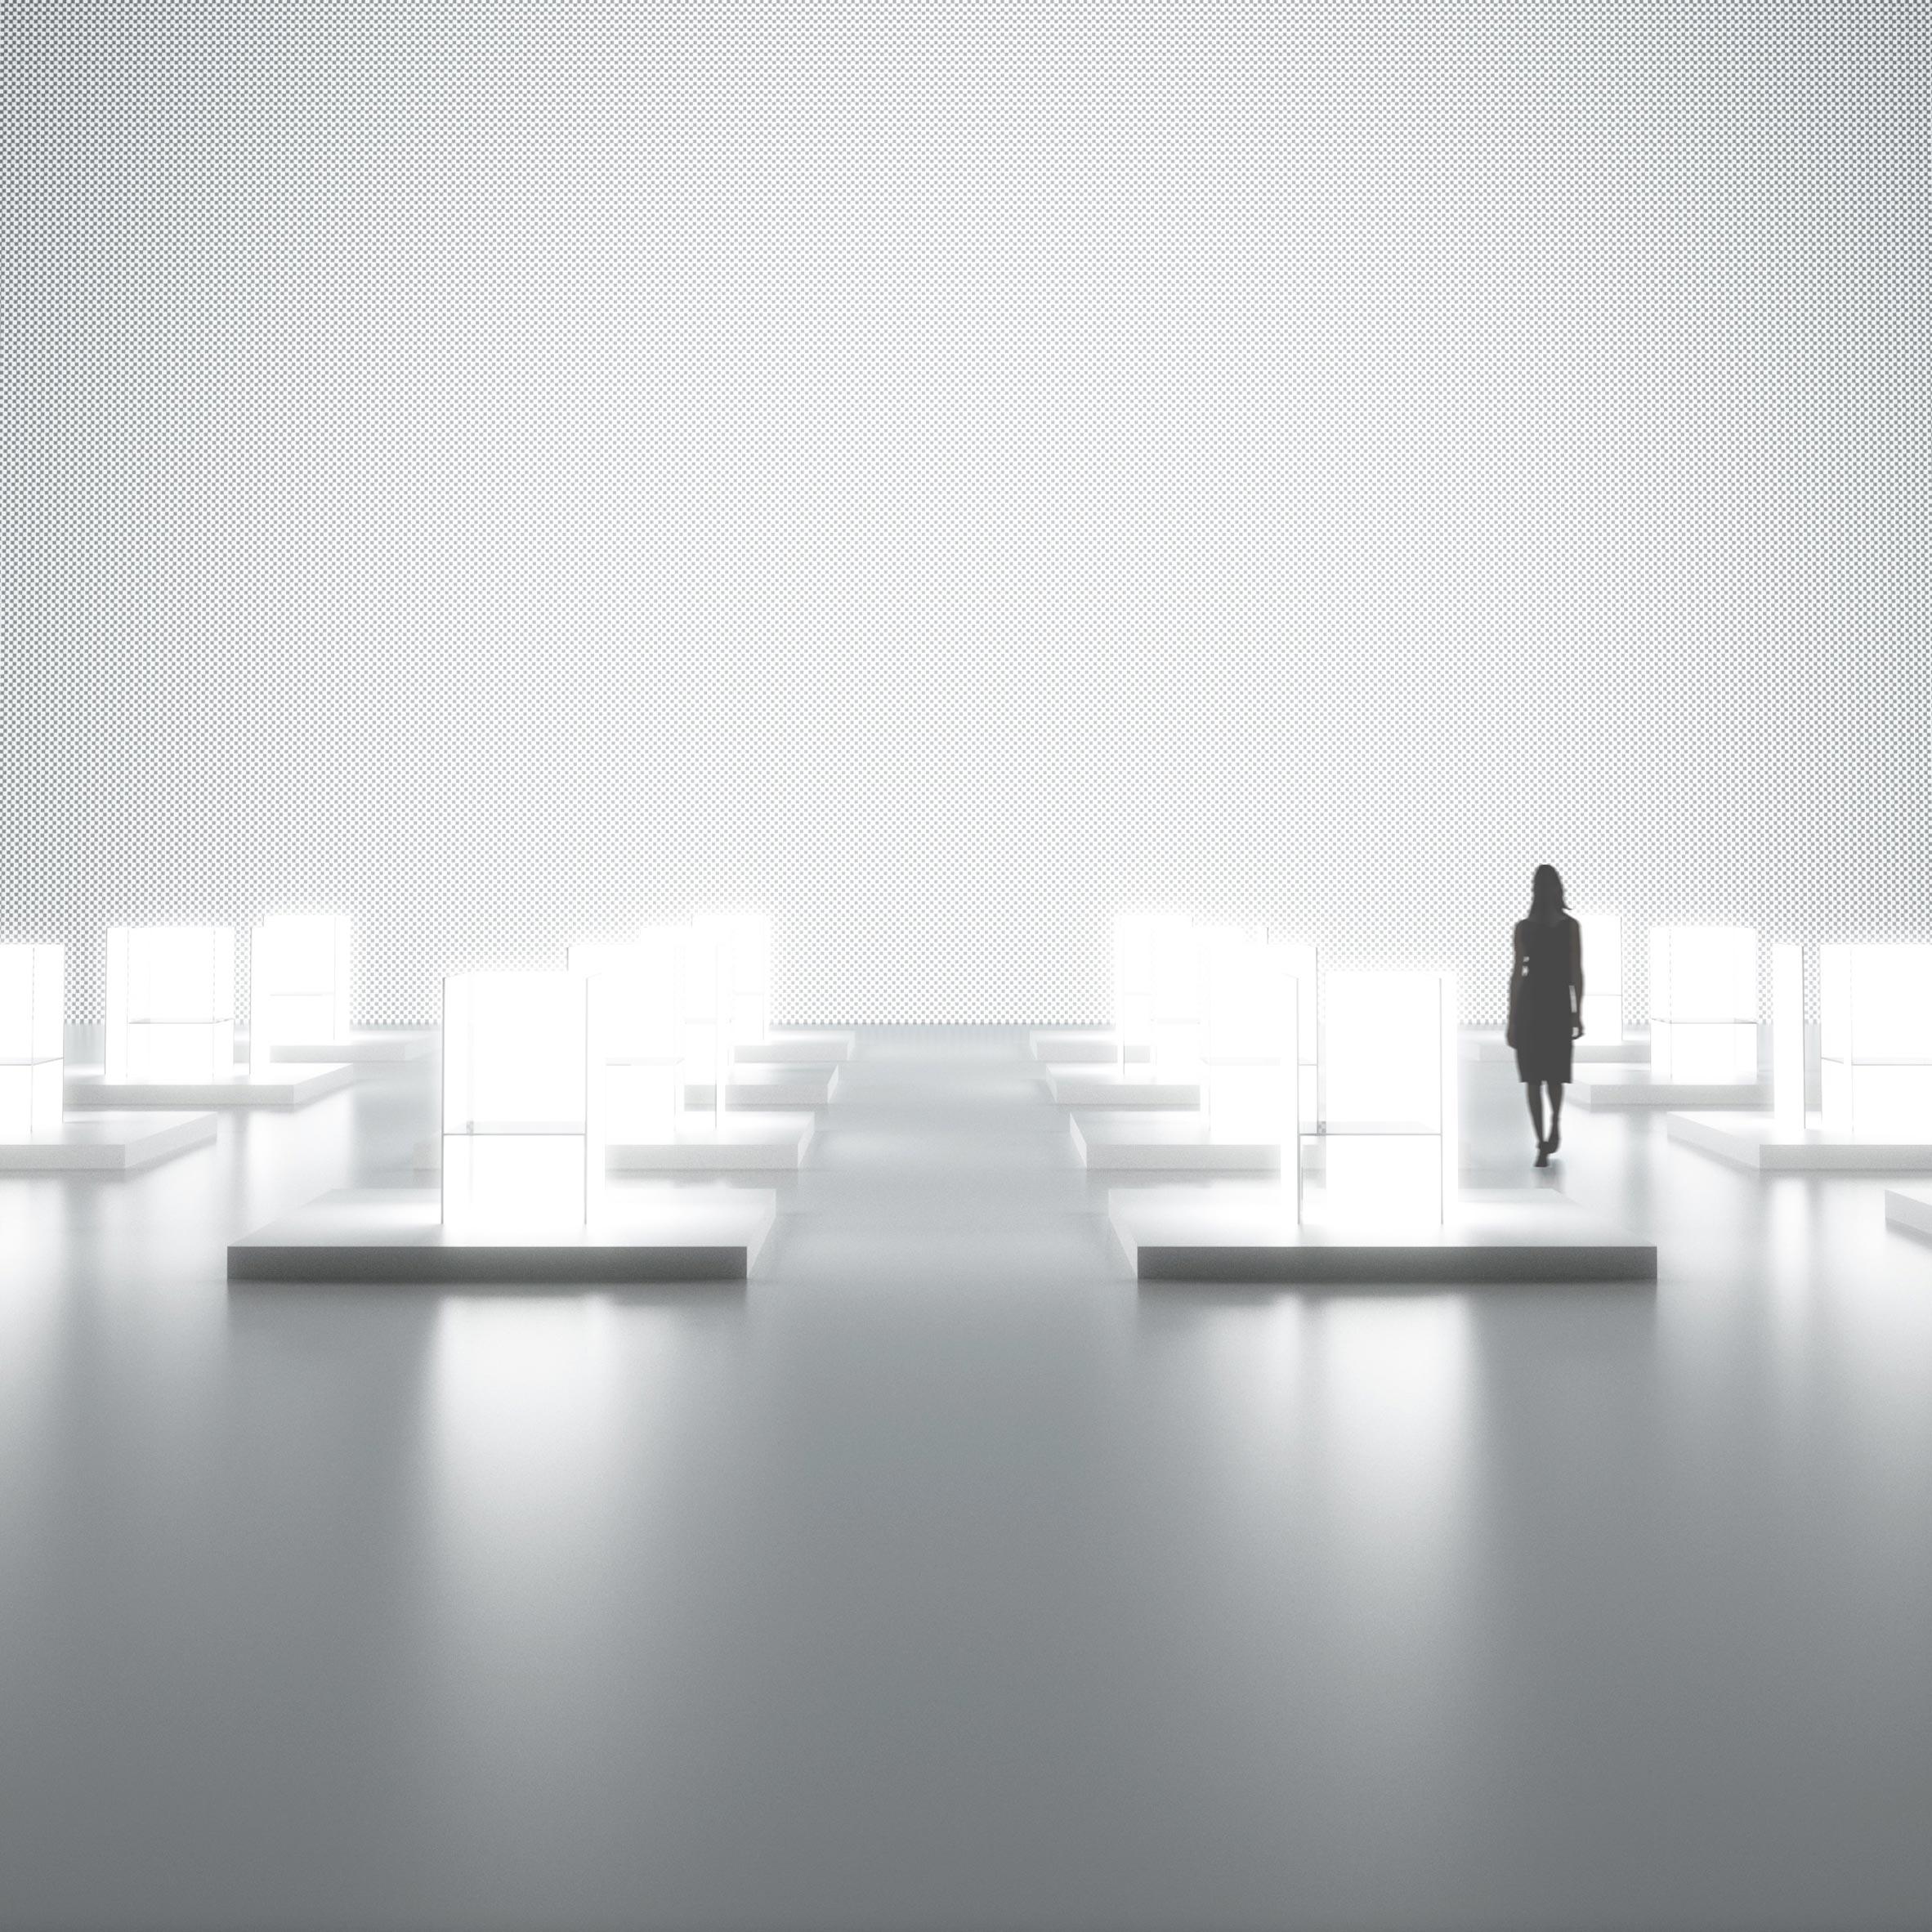 Tokujin yoshioka and lg to create huge light installation during milan design week